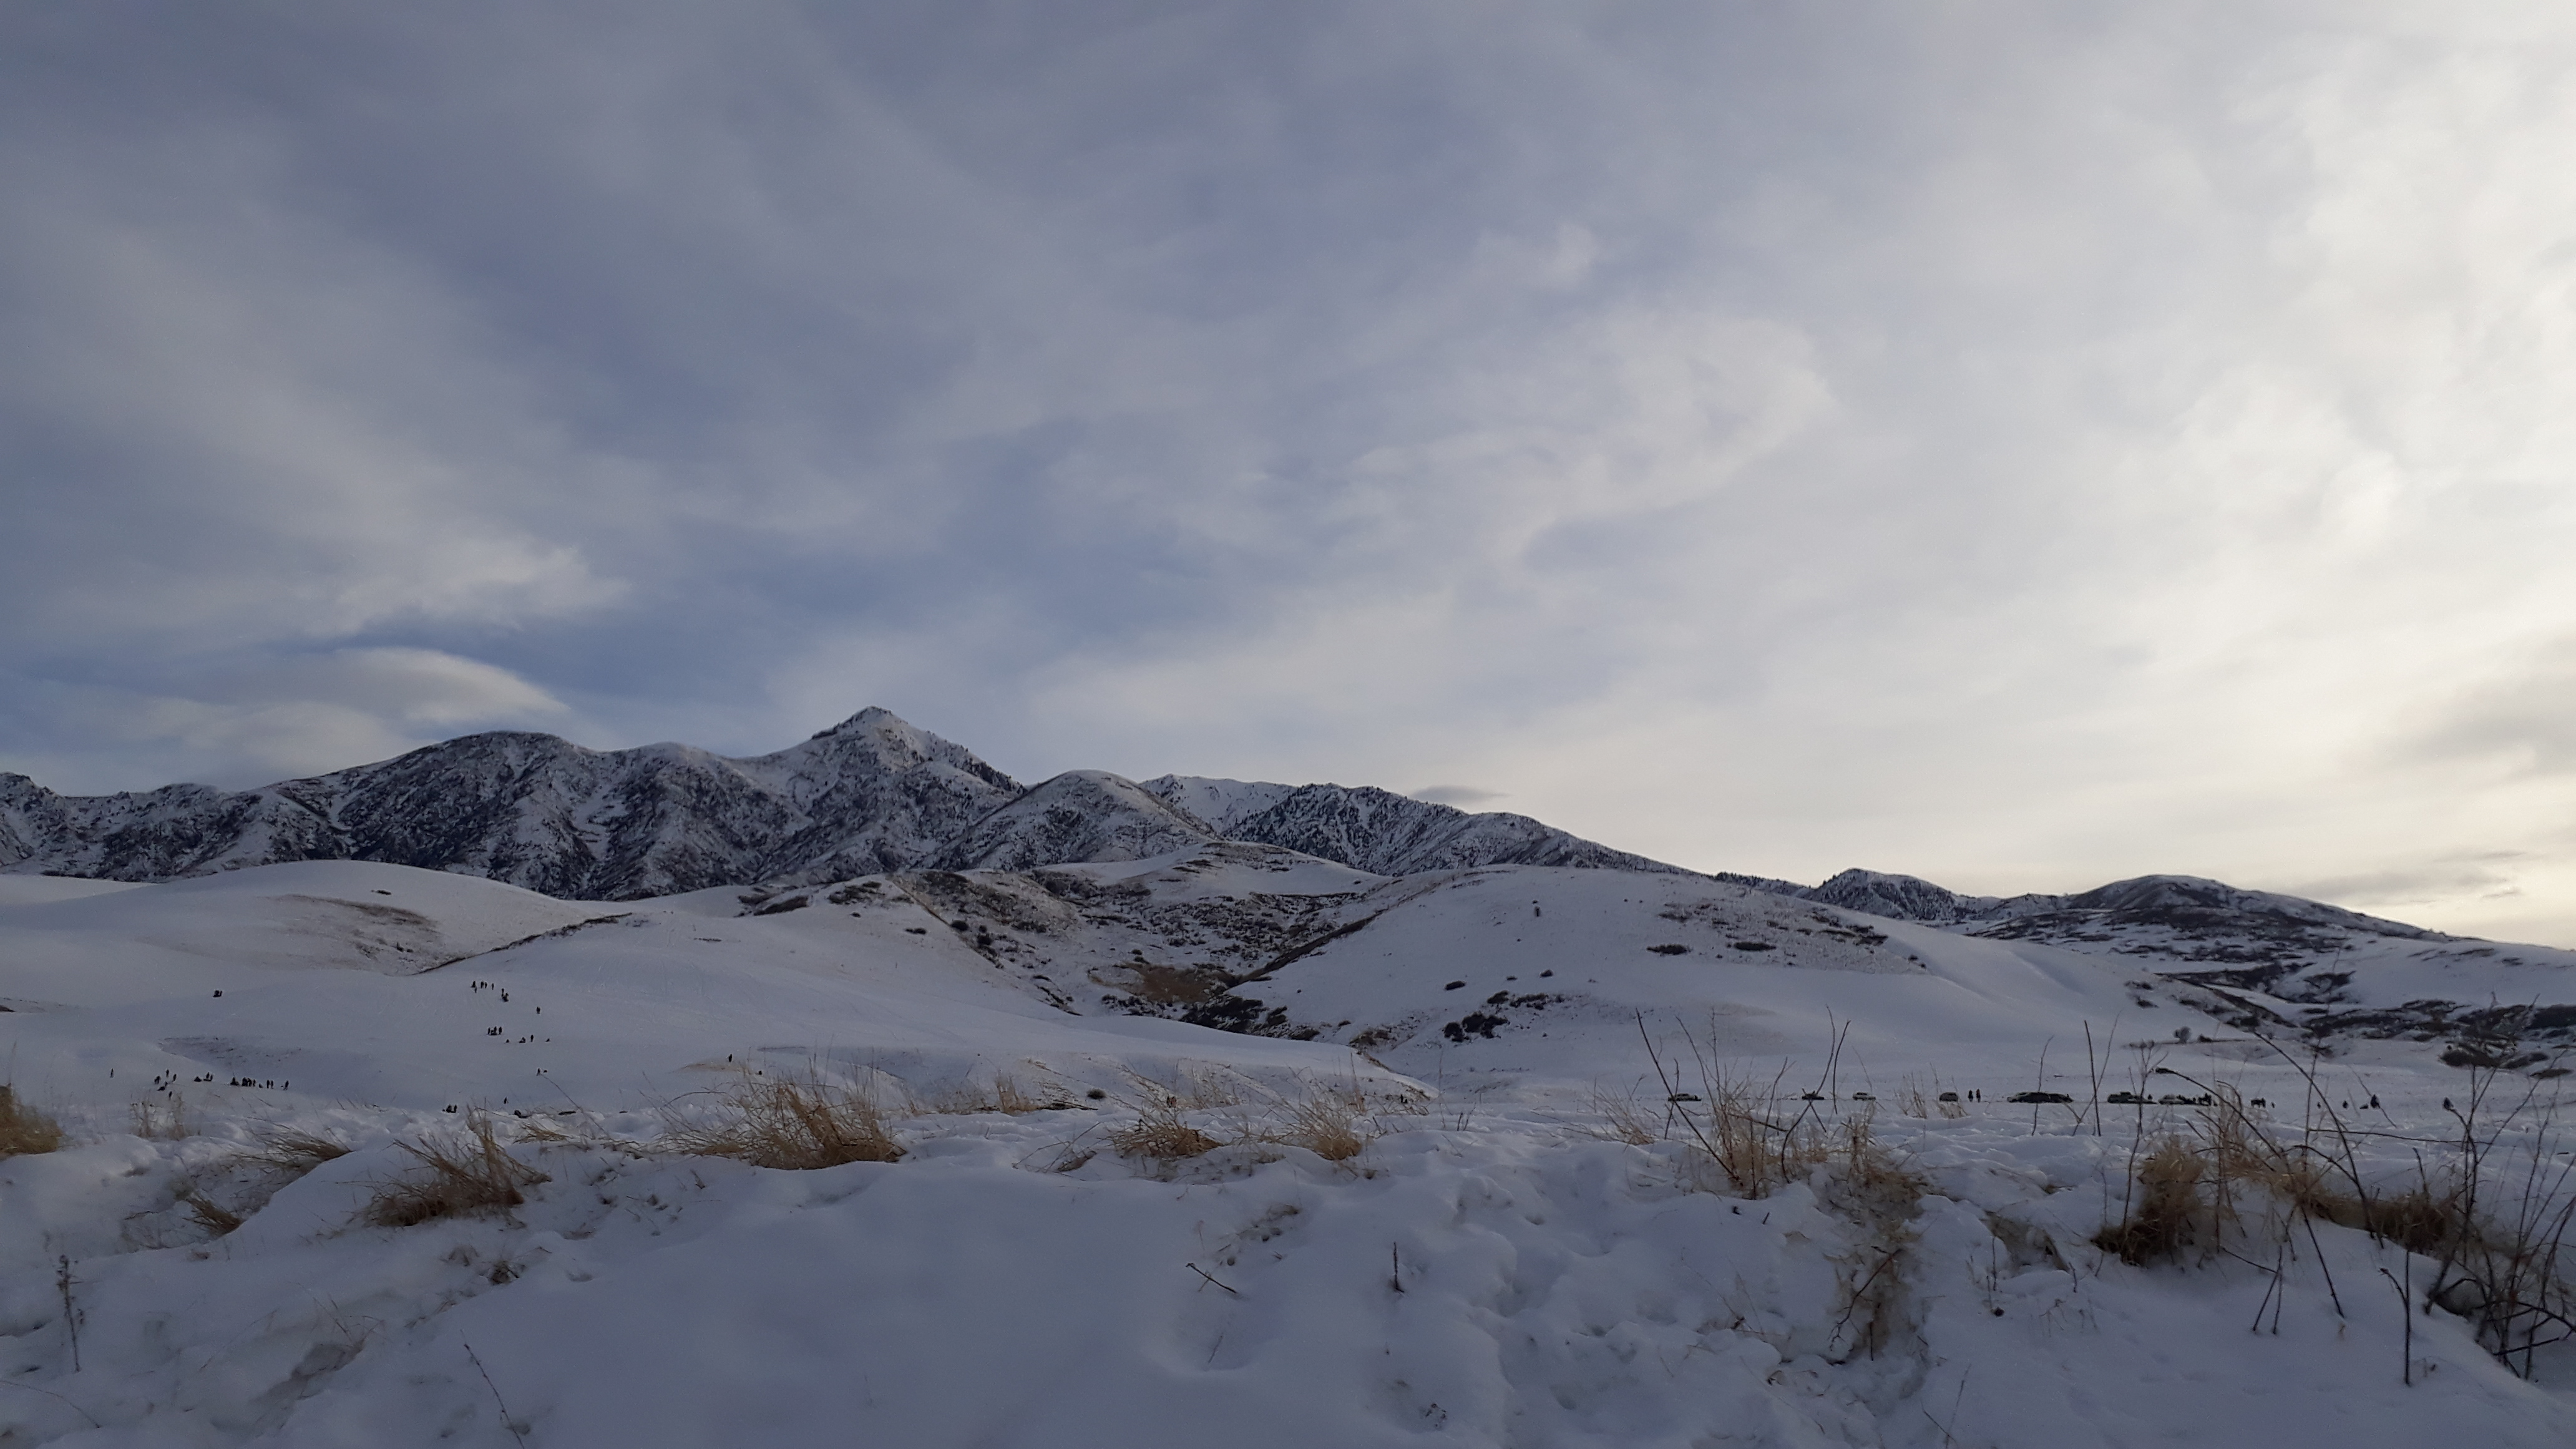 Kyrgyzstan feb 2020